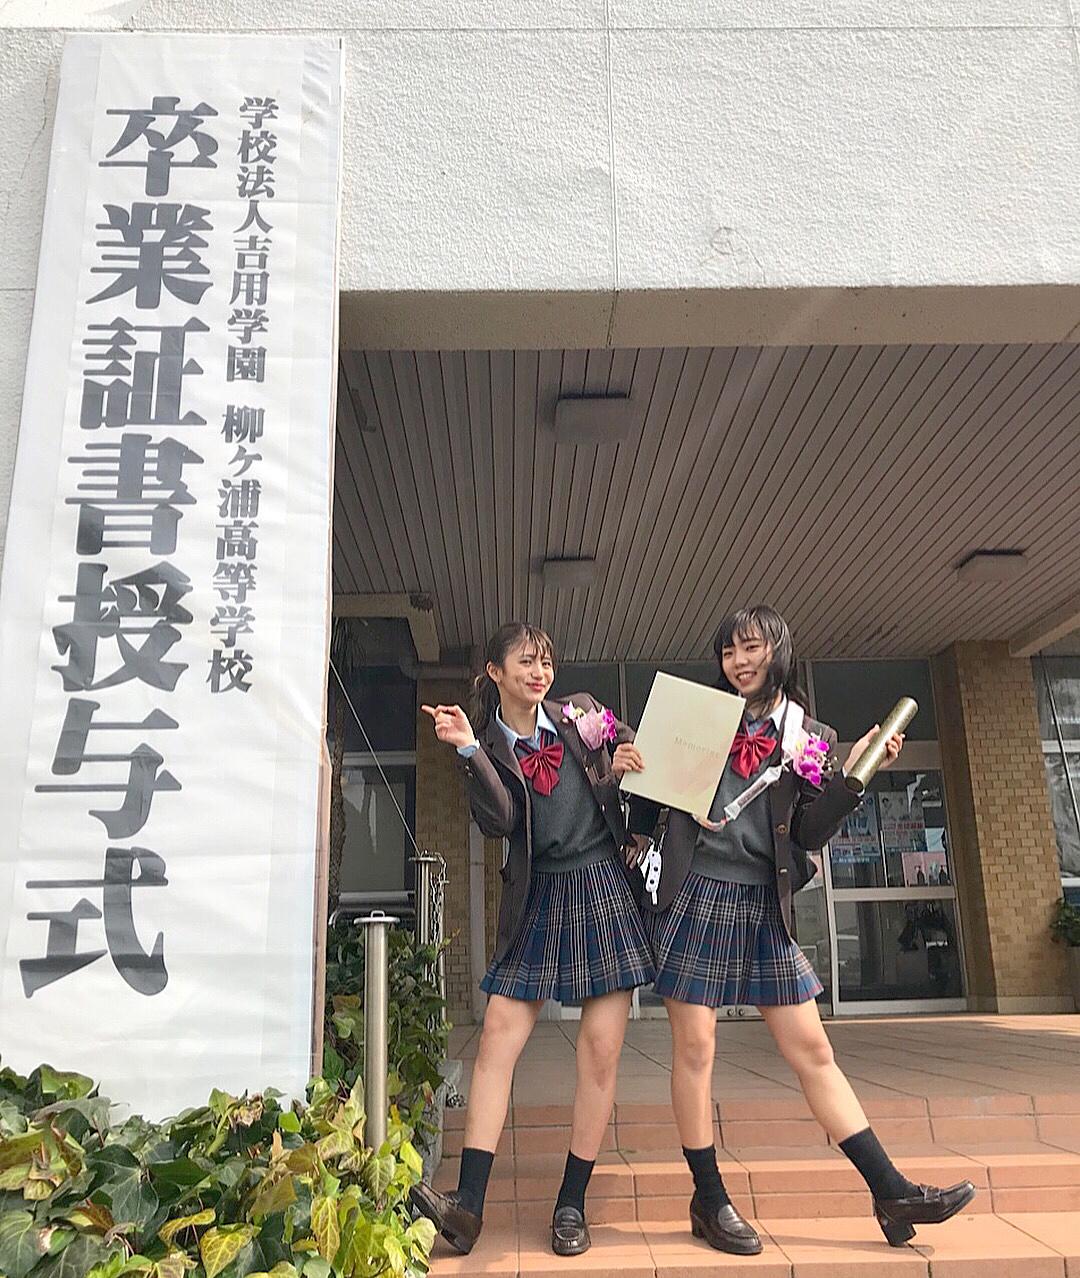 清水 高校 北海道